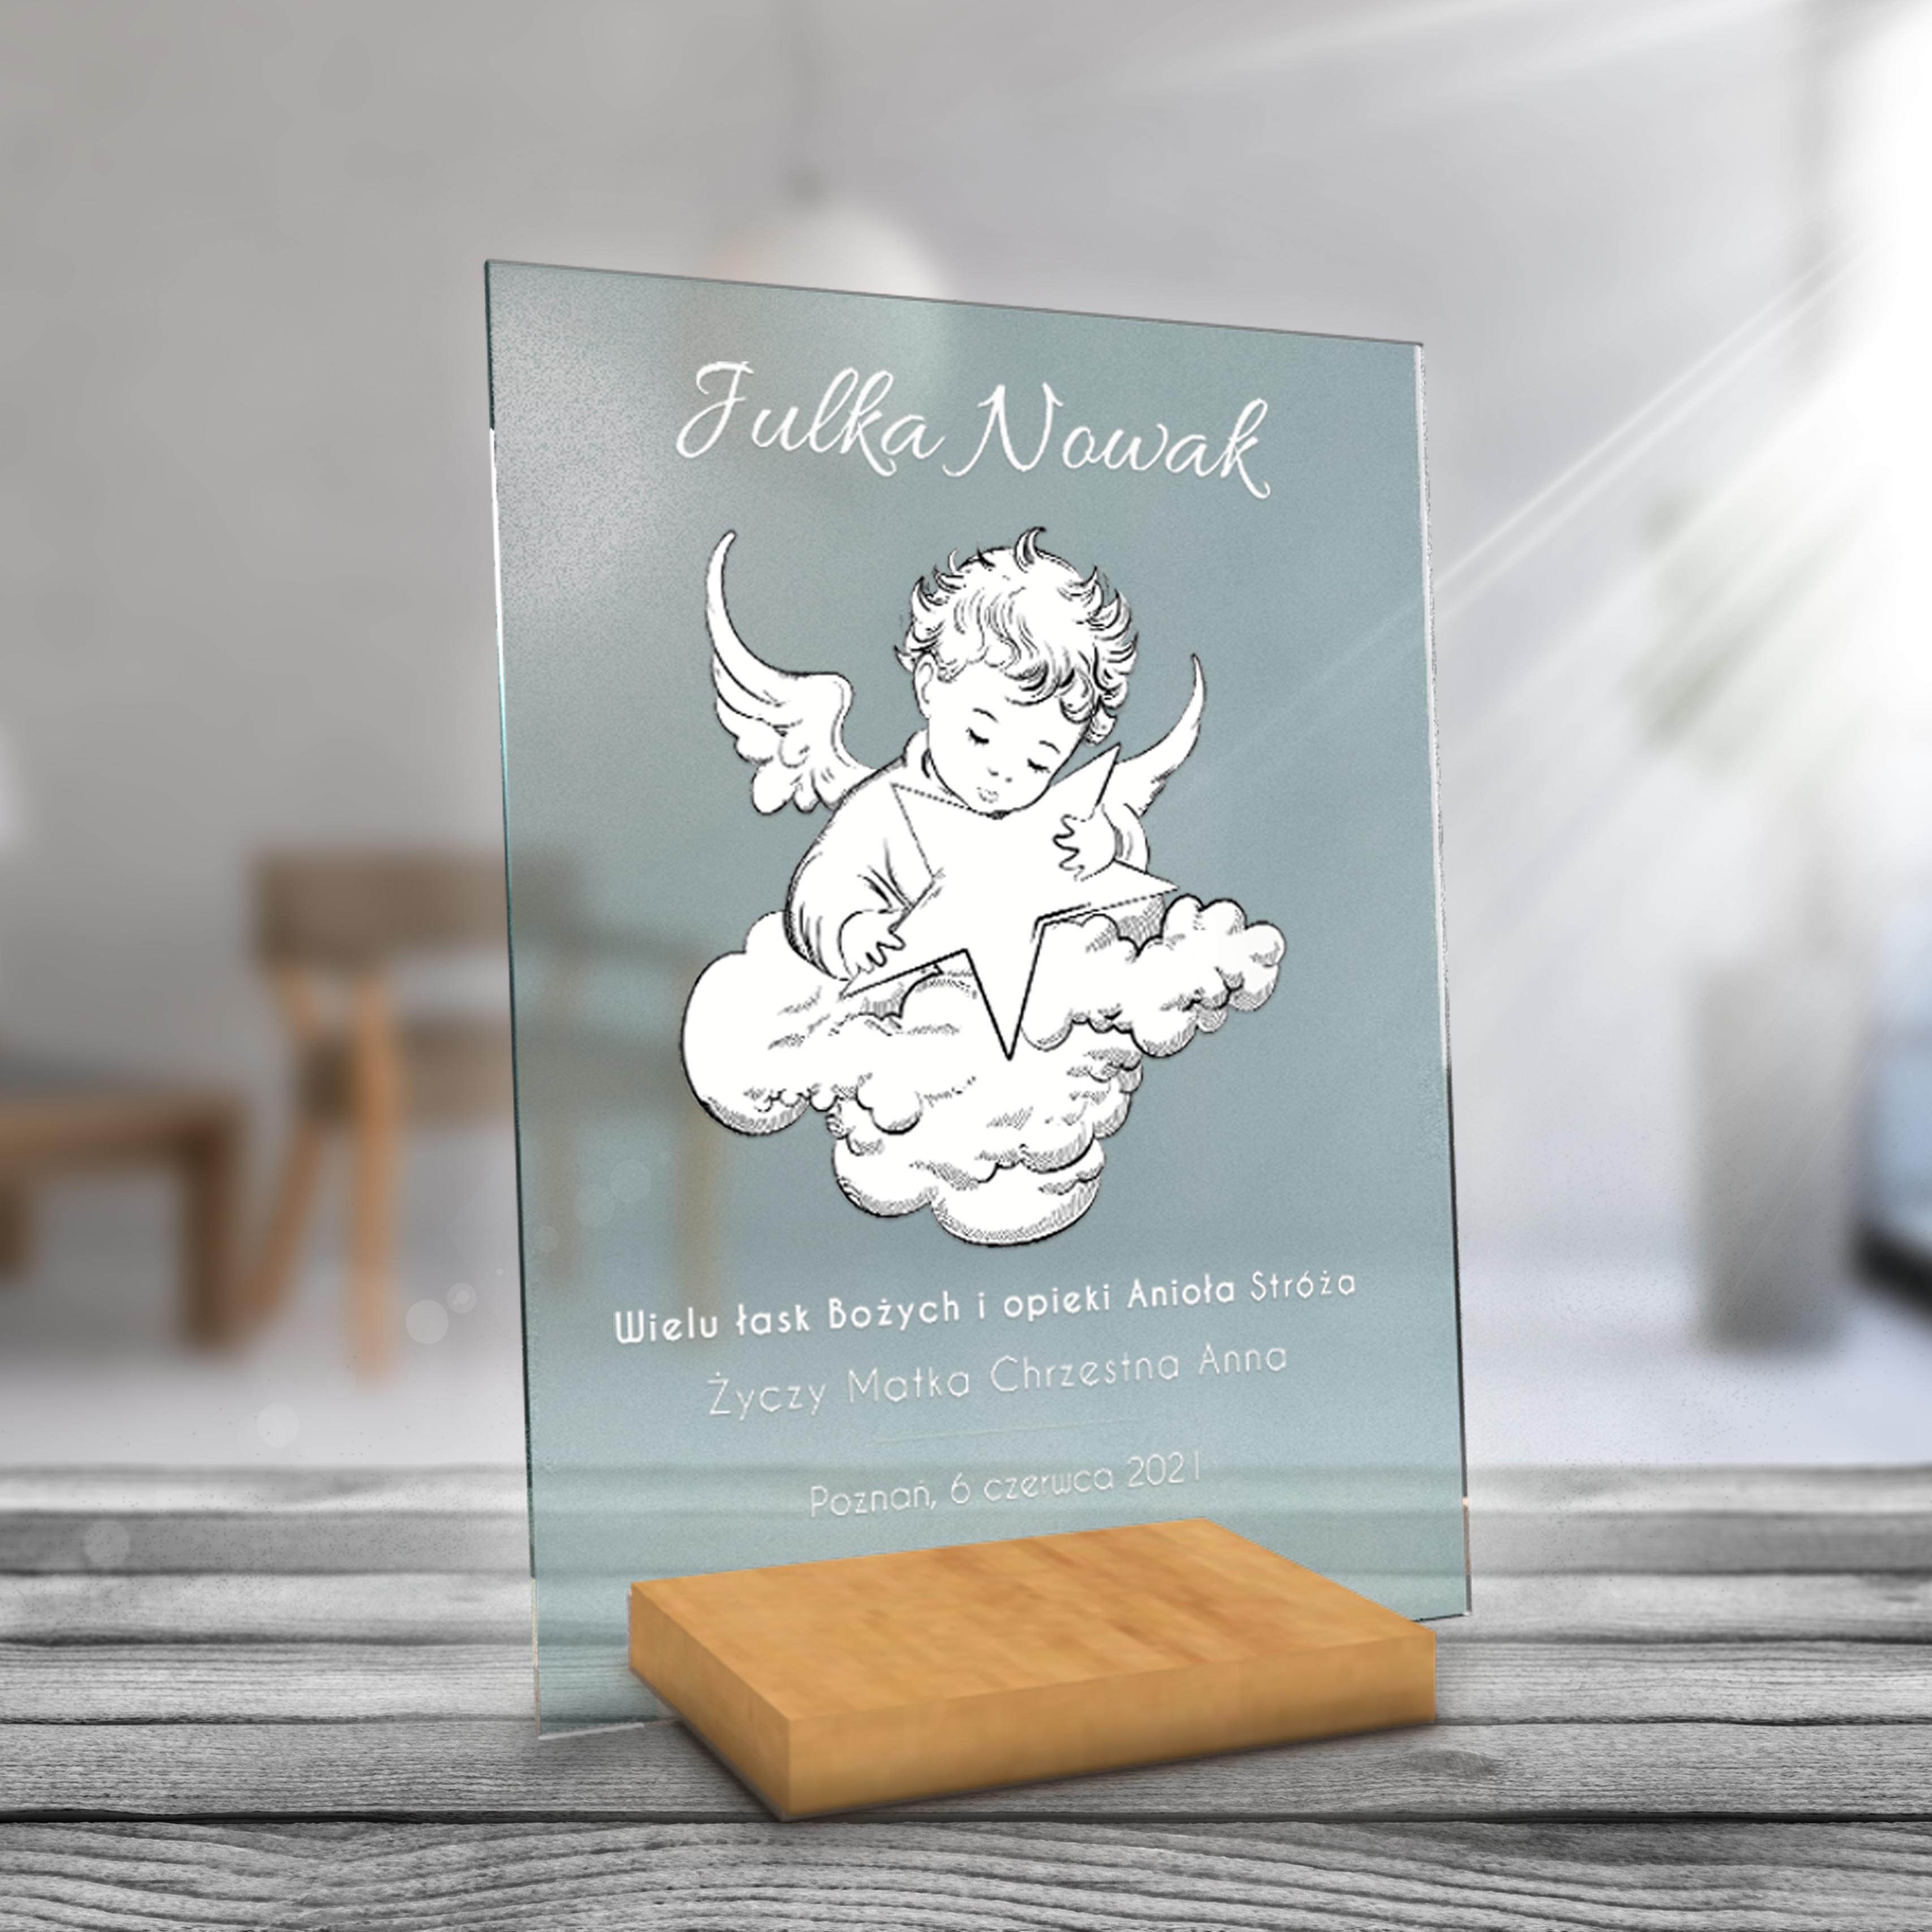 Personalizowane plexi z nadrukiem A4 foto pamiątka chrzest komunia aniołek